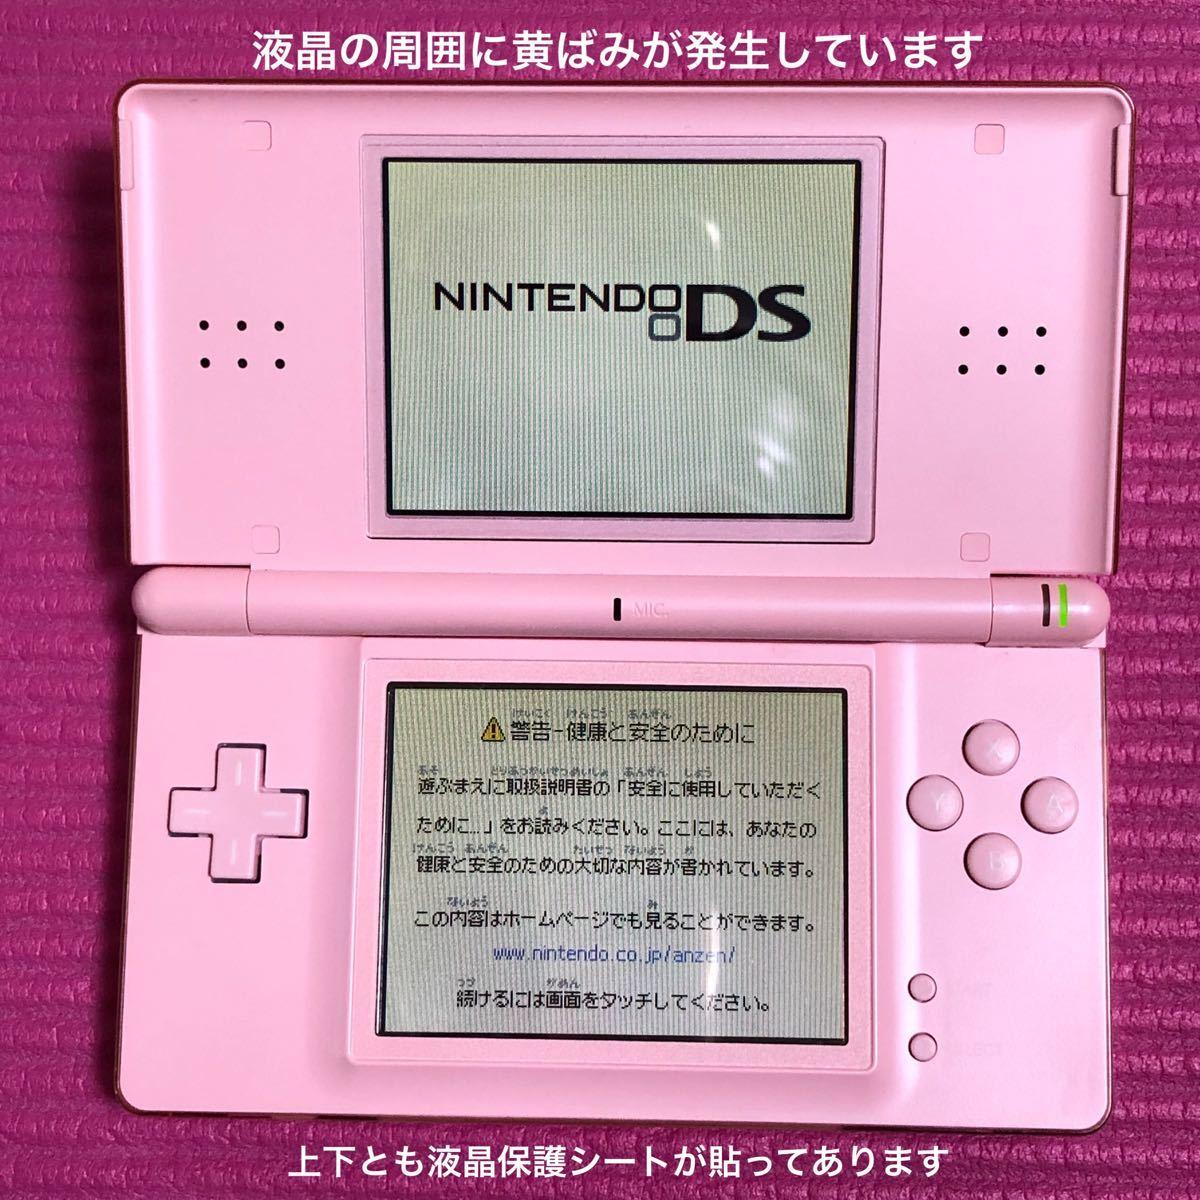 [中古] ニンテンドーDSライト 本体 ピンク Nintendo DS Lite ニンテンドーDS Lite 任天堂